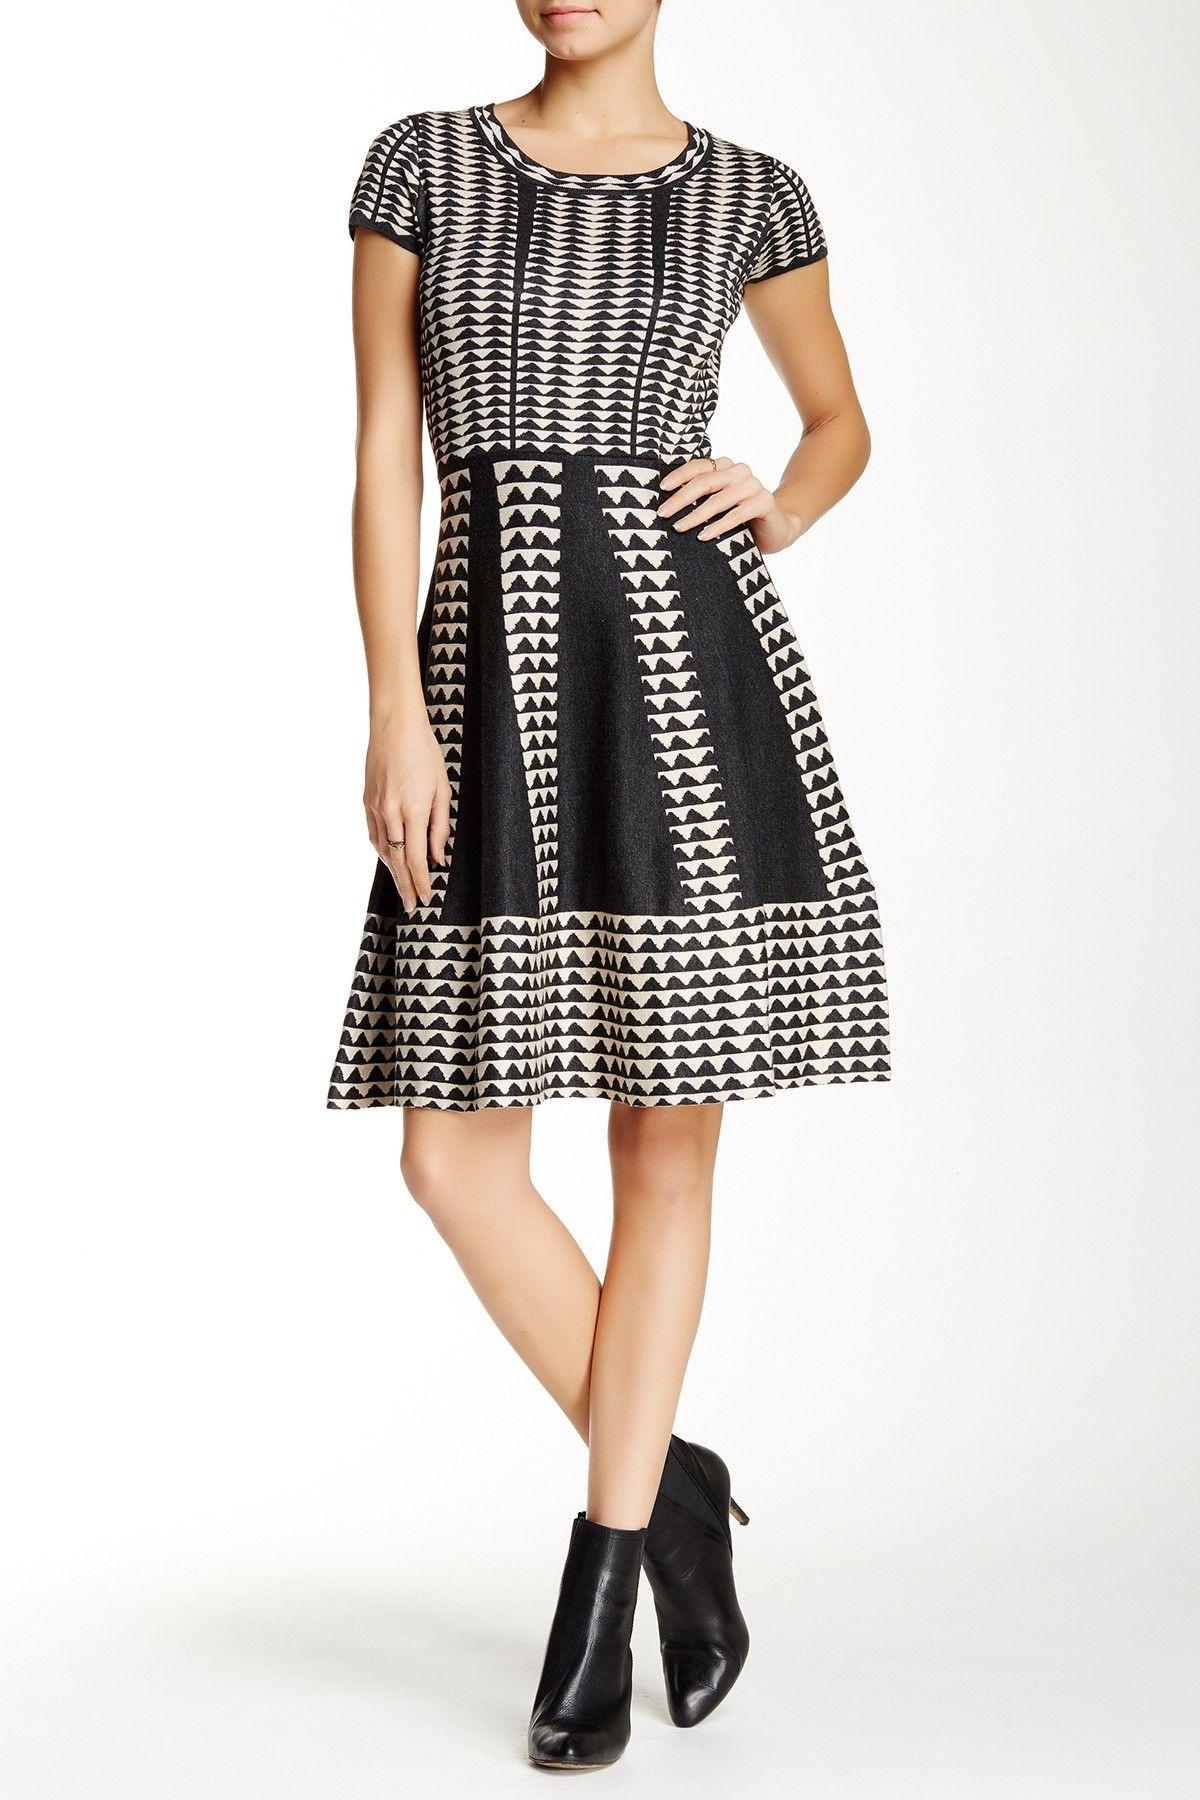 b1f7f7cf77 Short Sleeve Sweater Dress